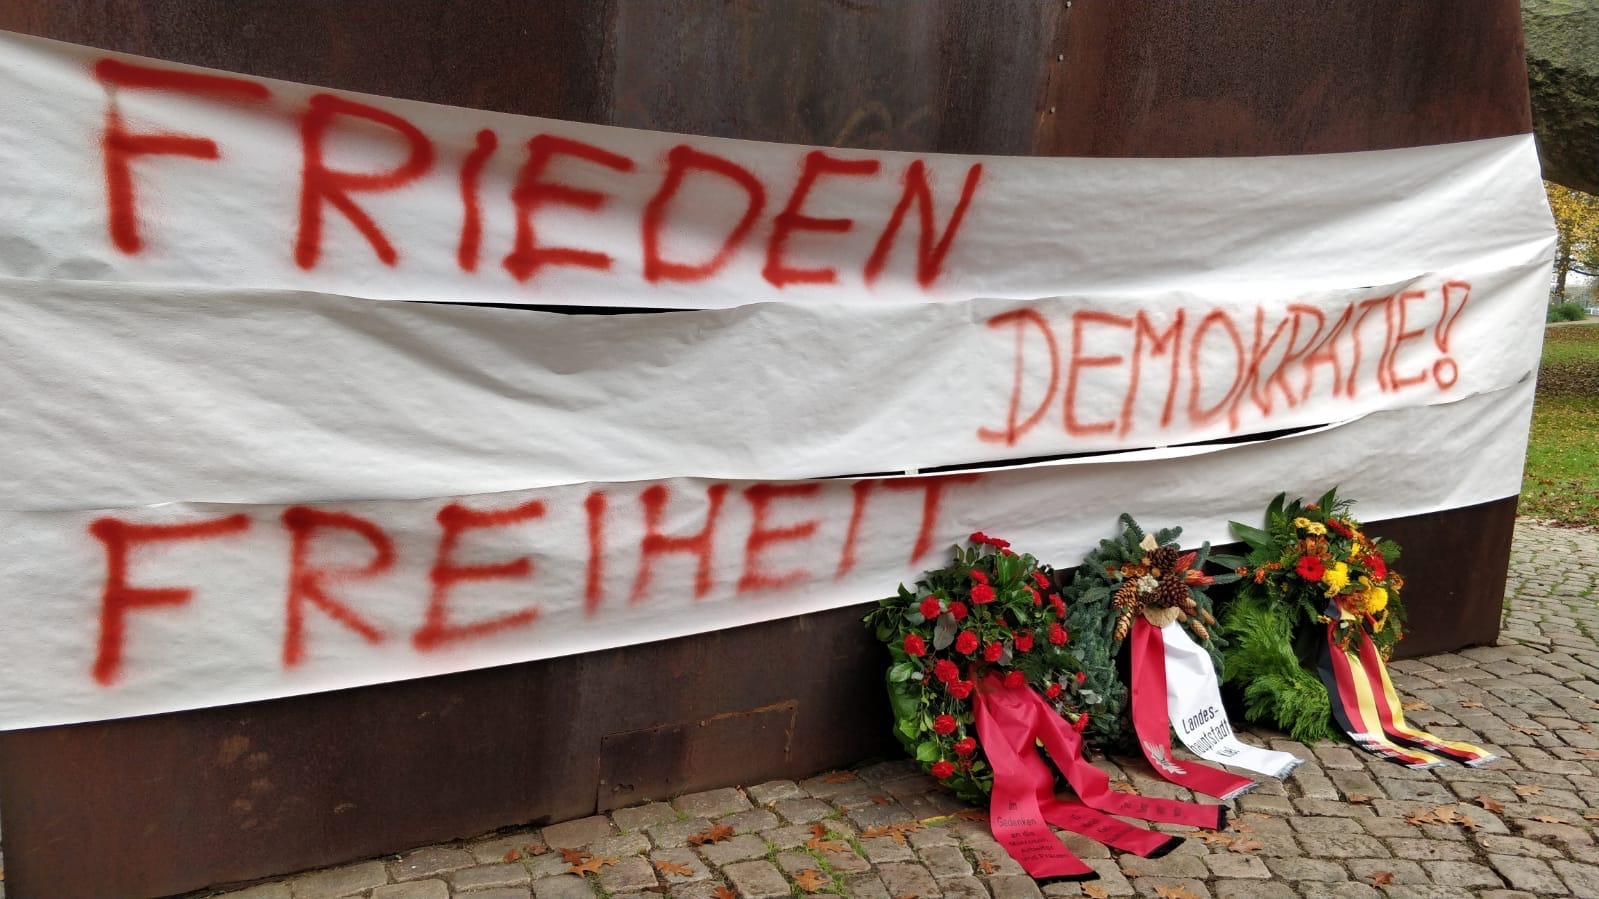 Frieden, Freiheit, Demokratie mit Kränzen